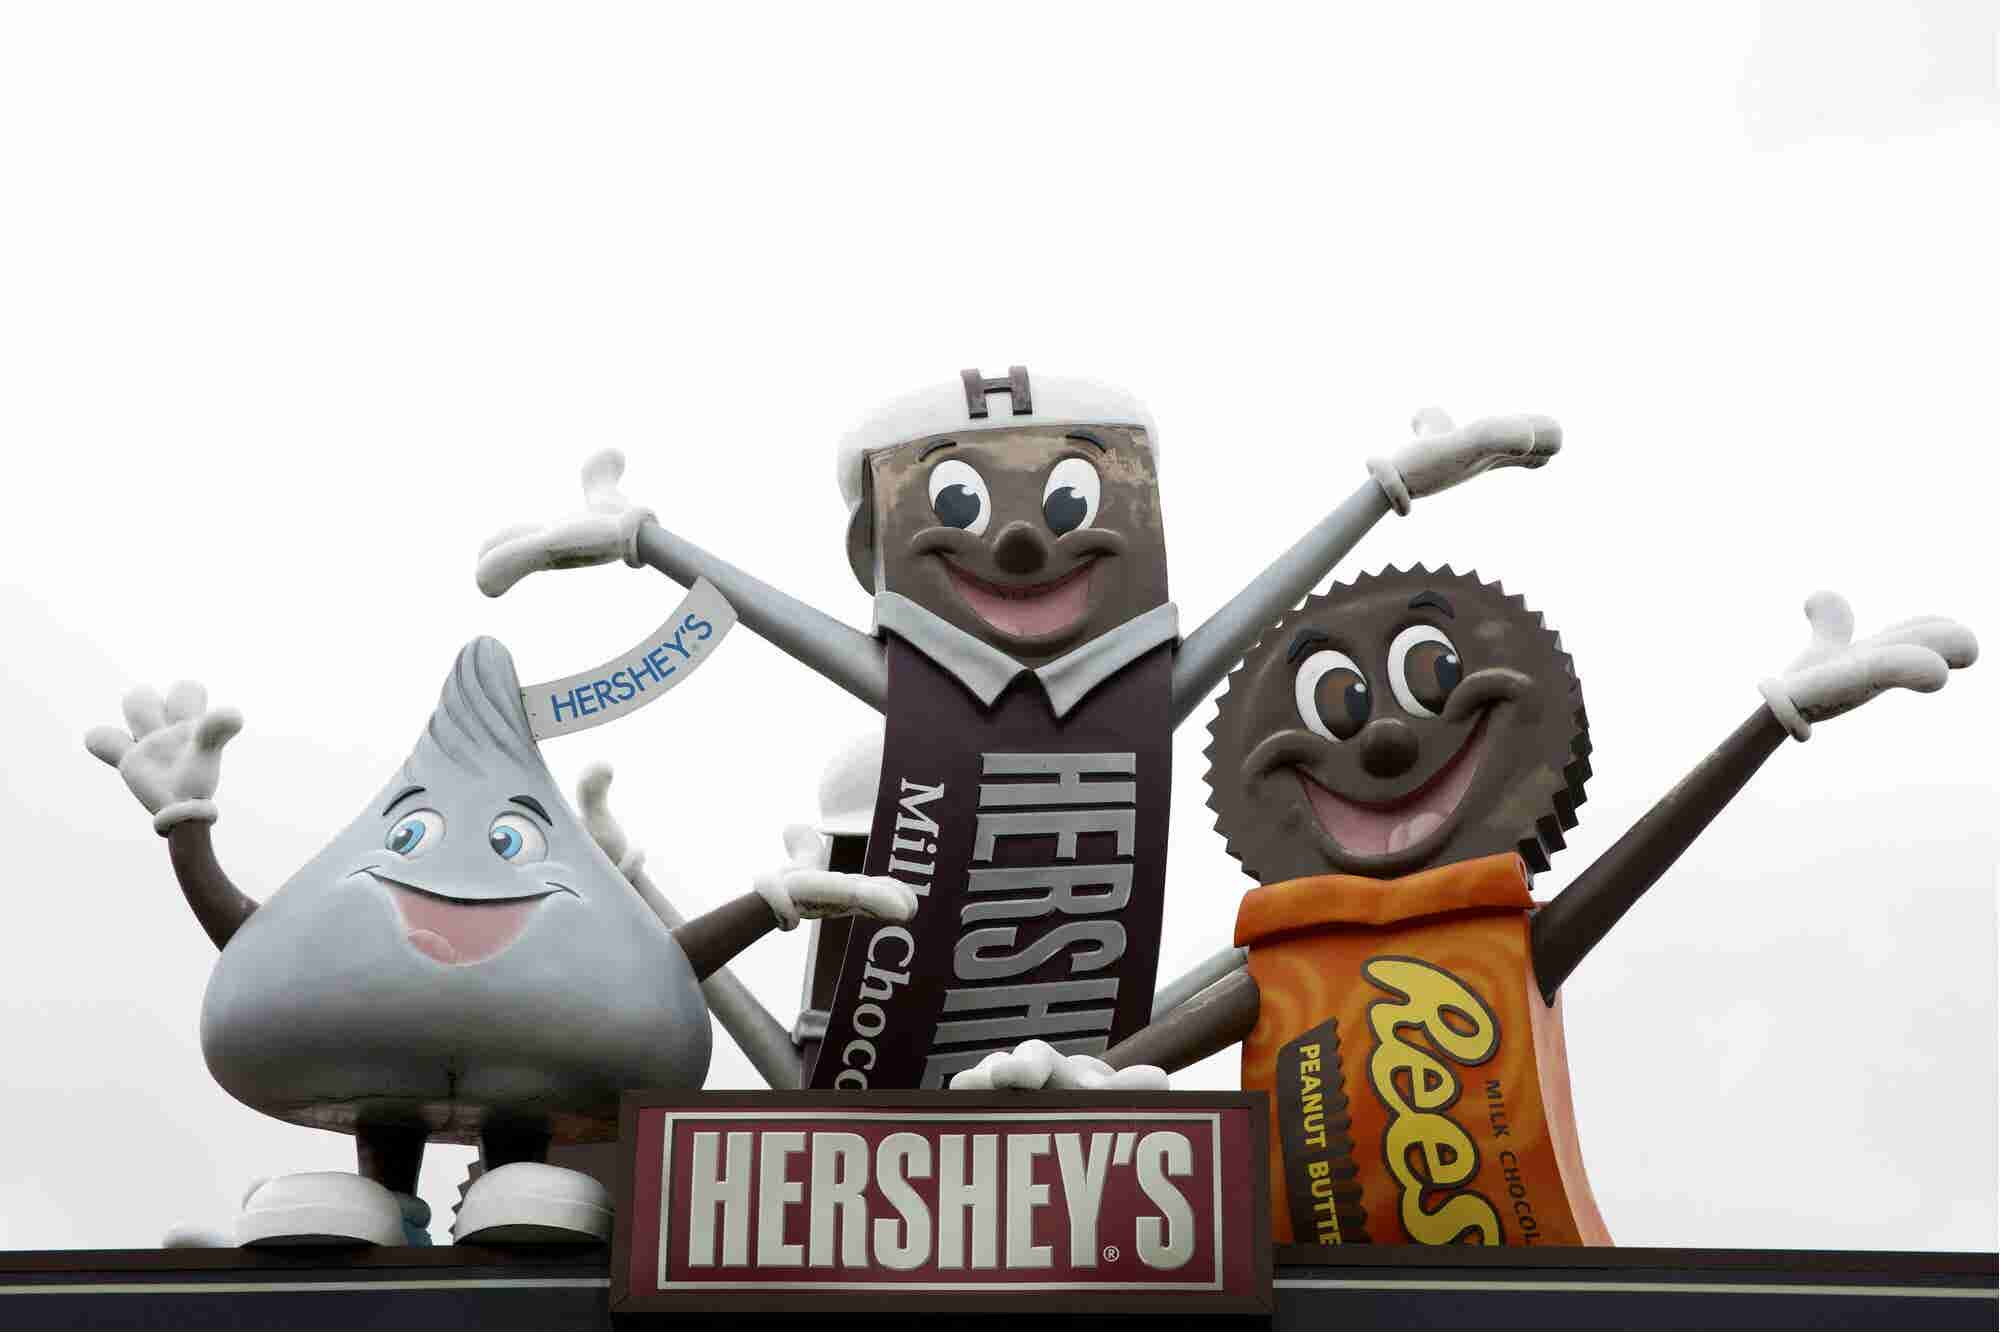 Hershey's retira publicidad tras ser tachada de clasista